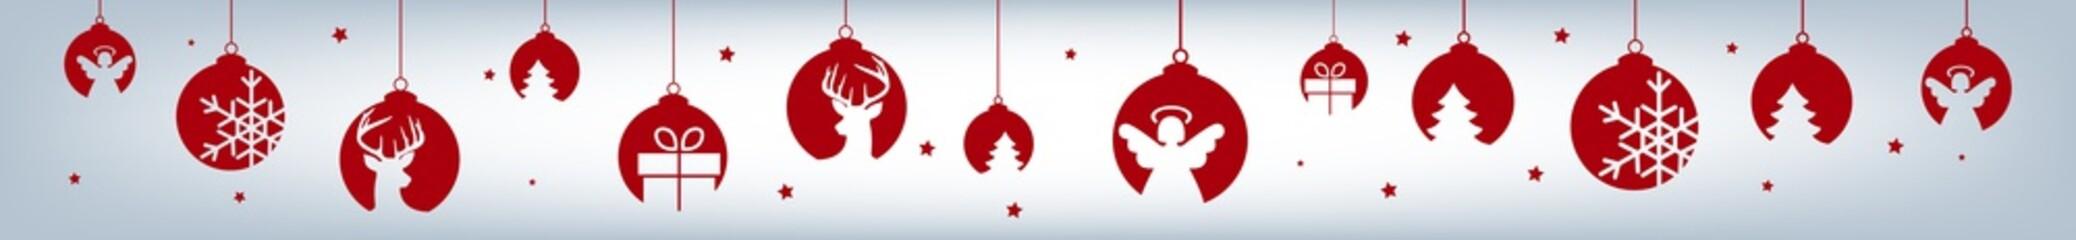 Weihnachten Banner Header Christmas xmas decoration